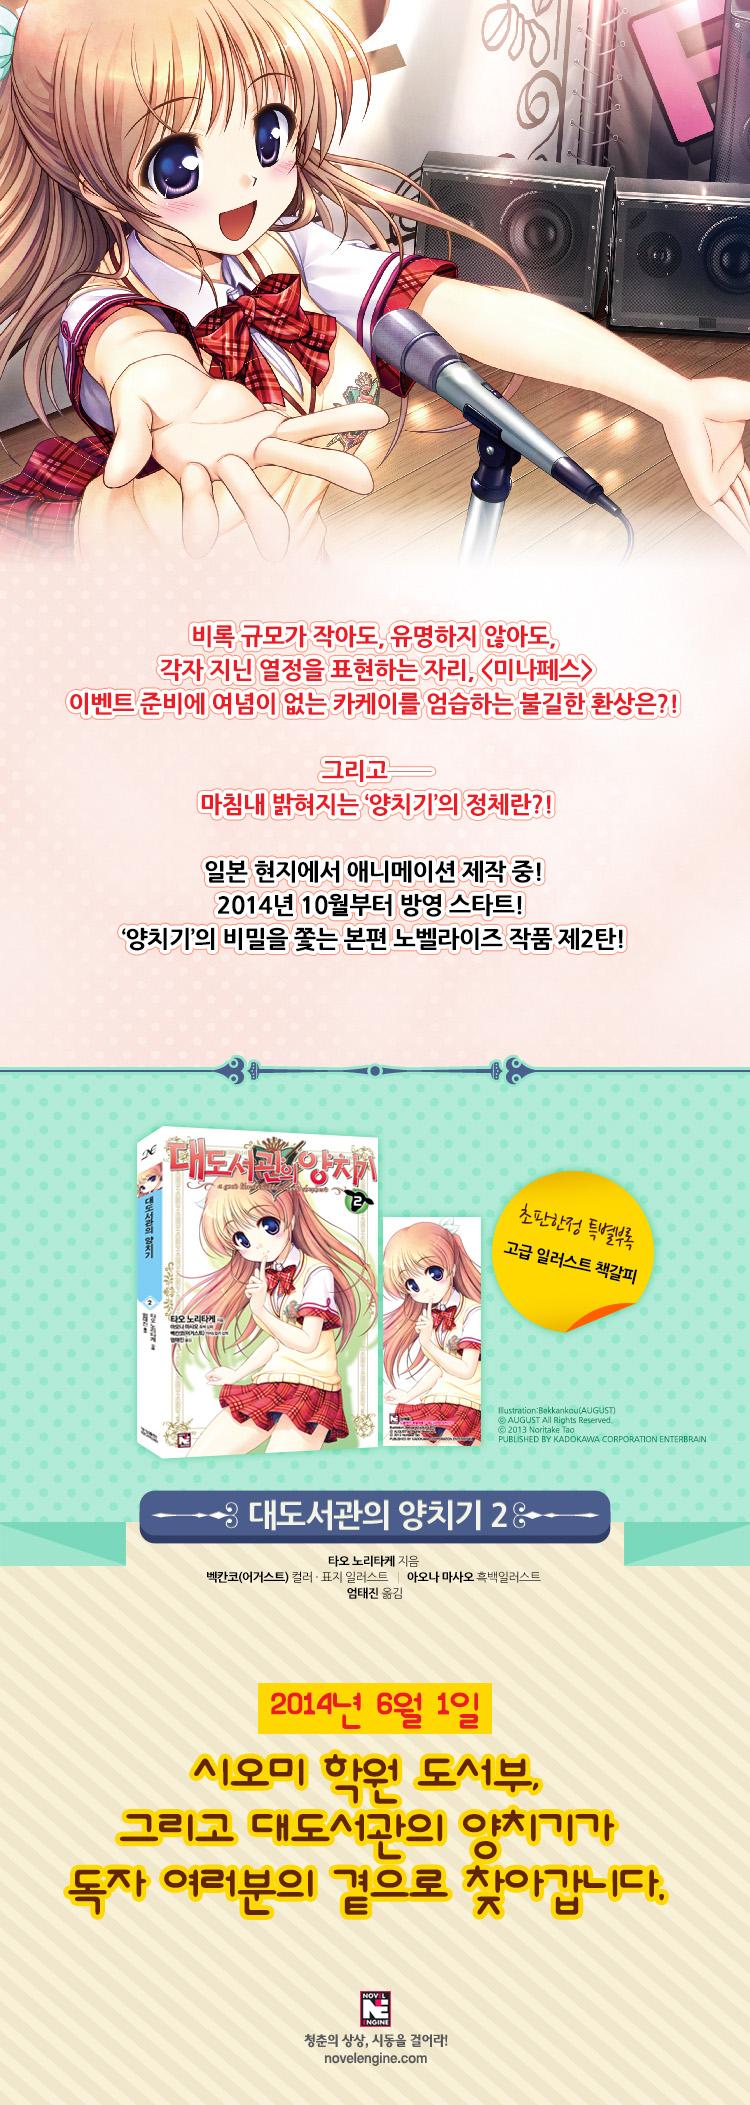 대도서관의양치기2_본광고-수정.jpg